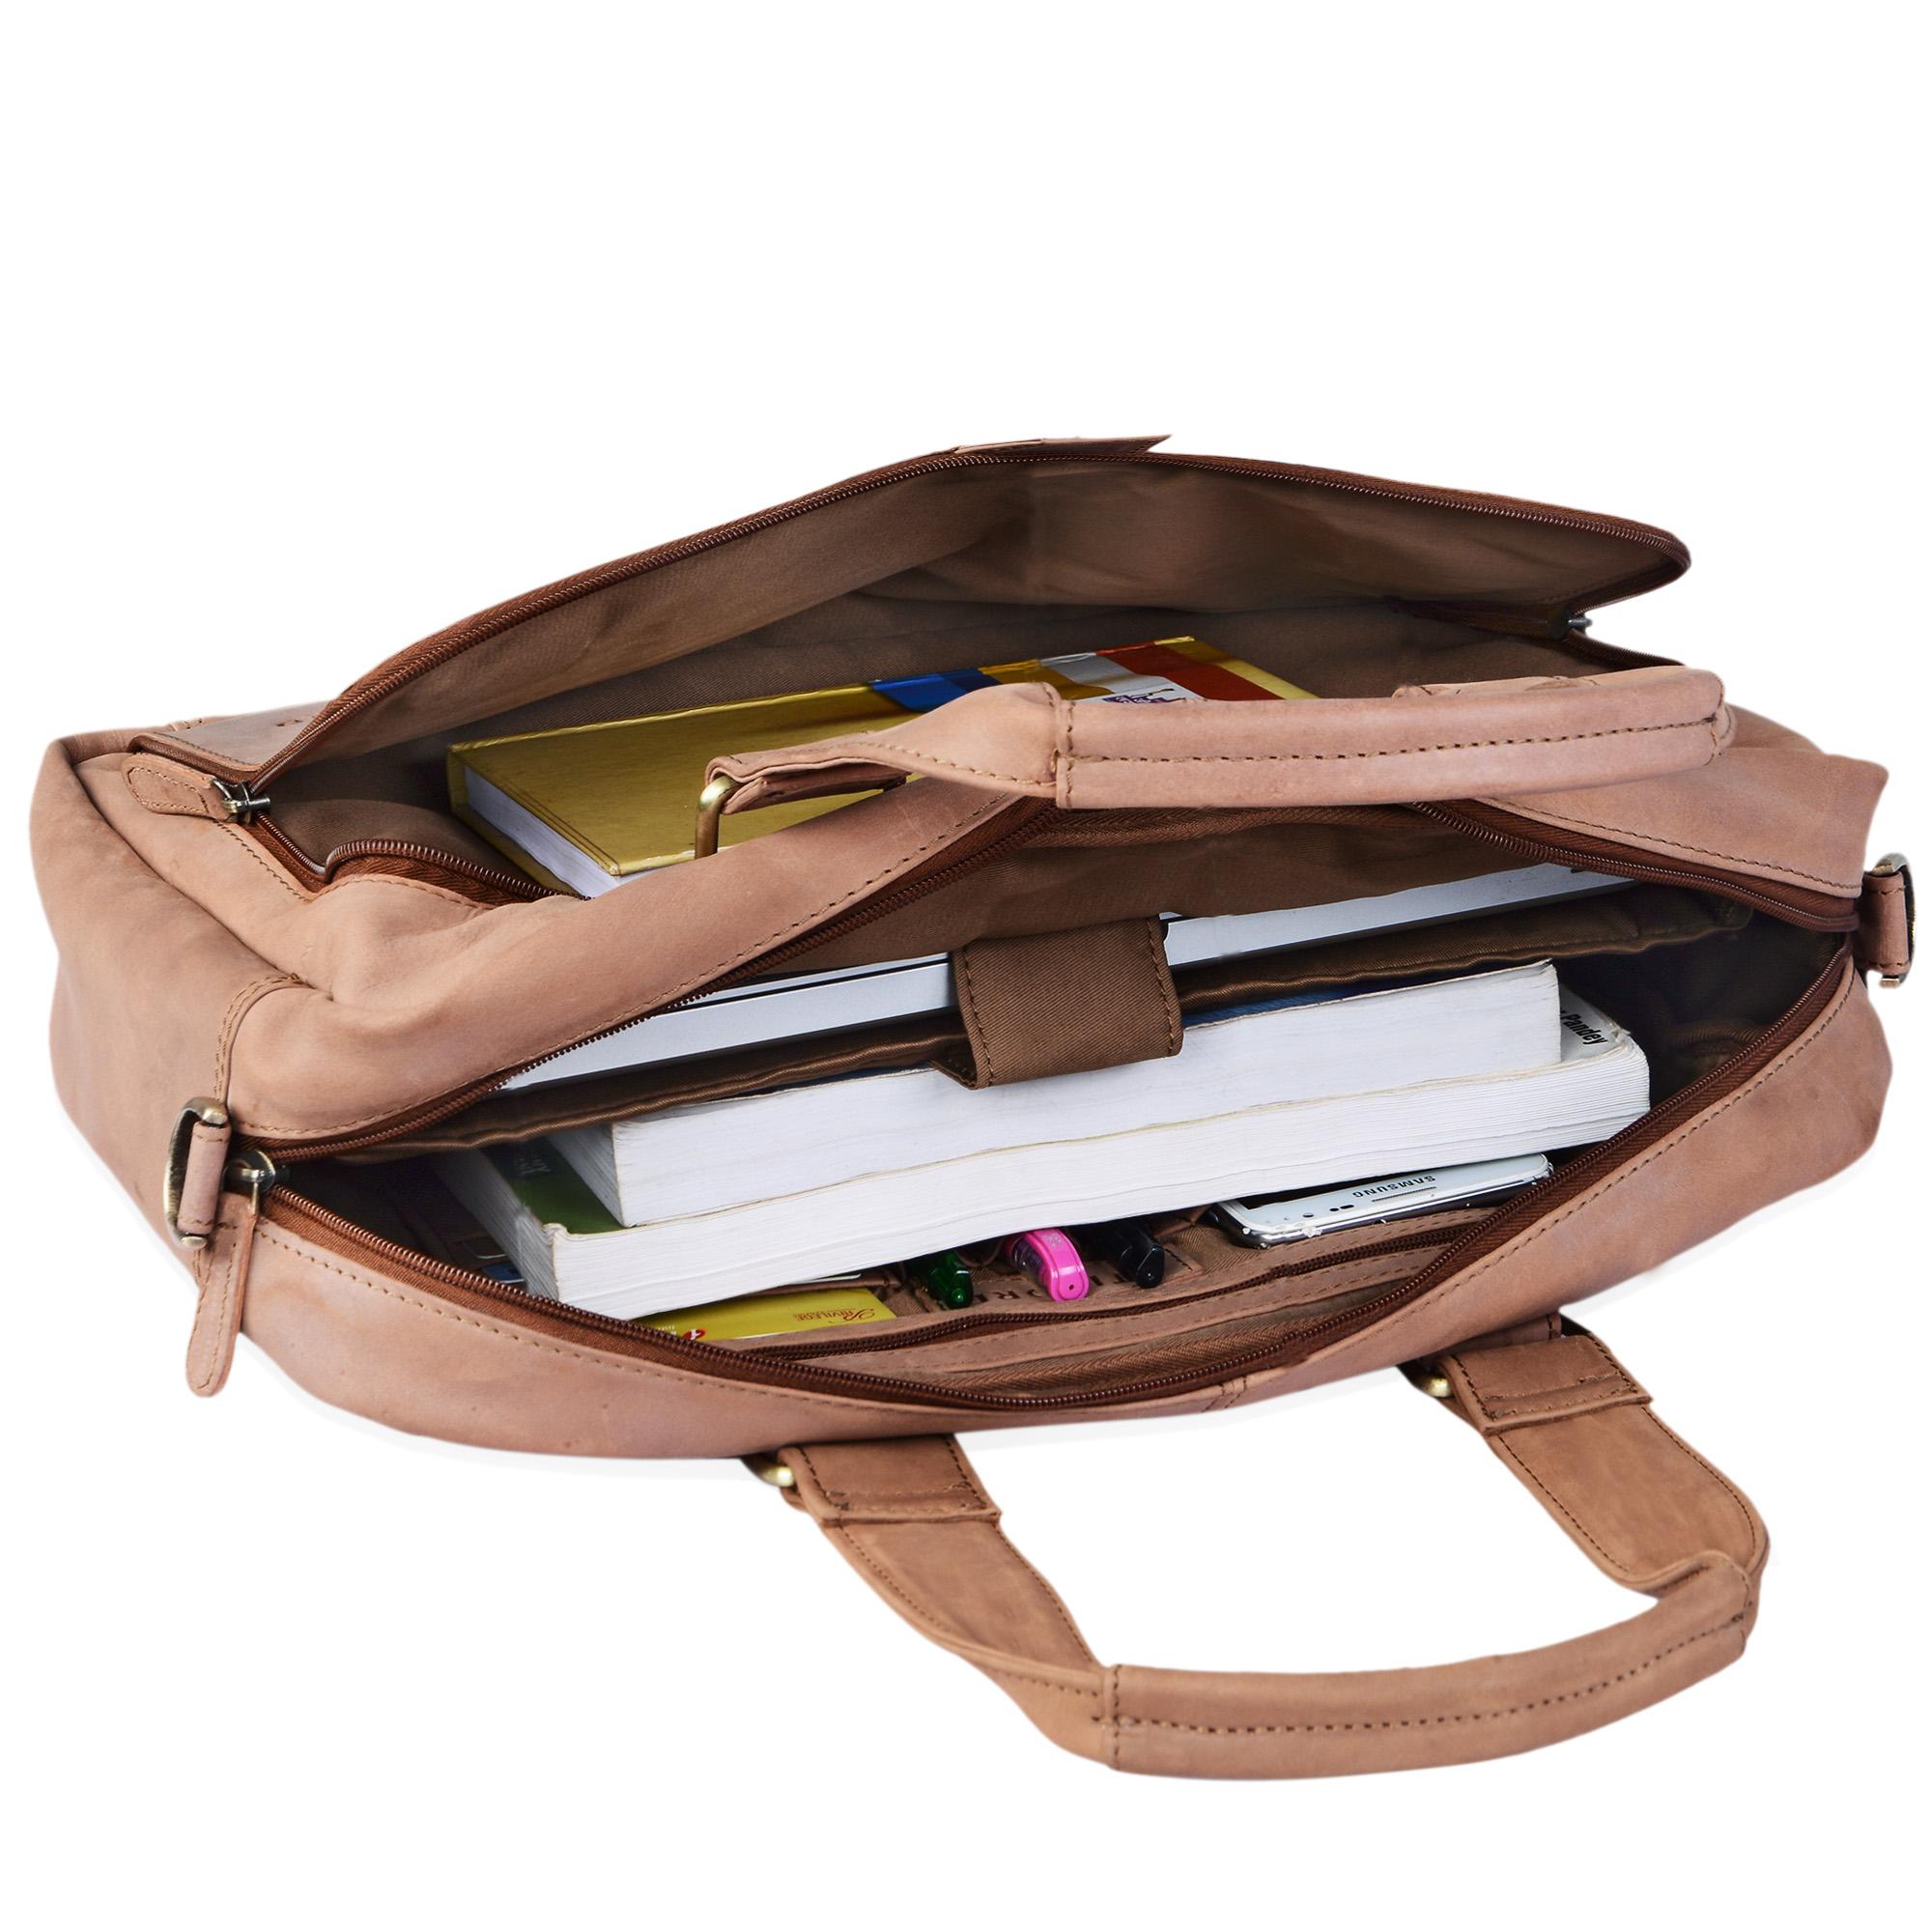 """STILORD """"Jon"""" Vintage Leder Umhängetasche Herren Damen Laptoptasche 15.6 Zoll für große DIN A4 Aktenordner Business Büro Arbeit Uni echtes Büffelleder - Bild 23"""